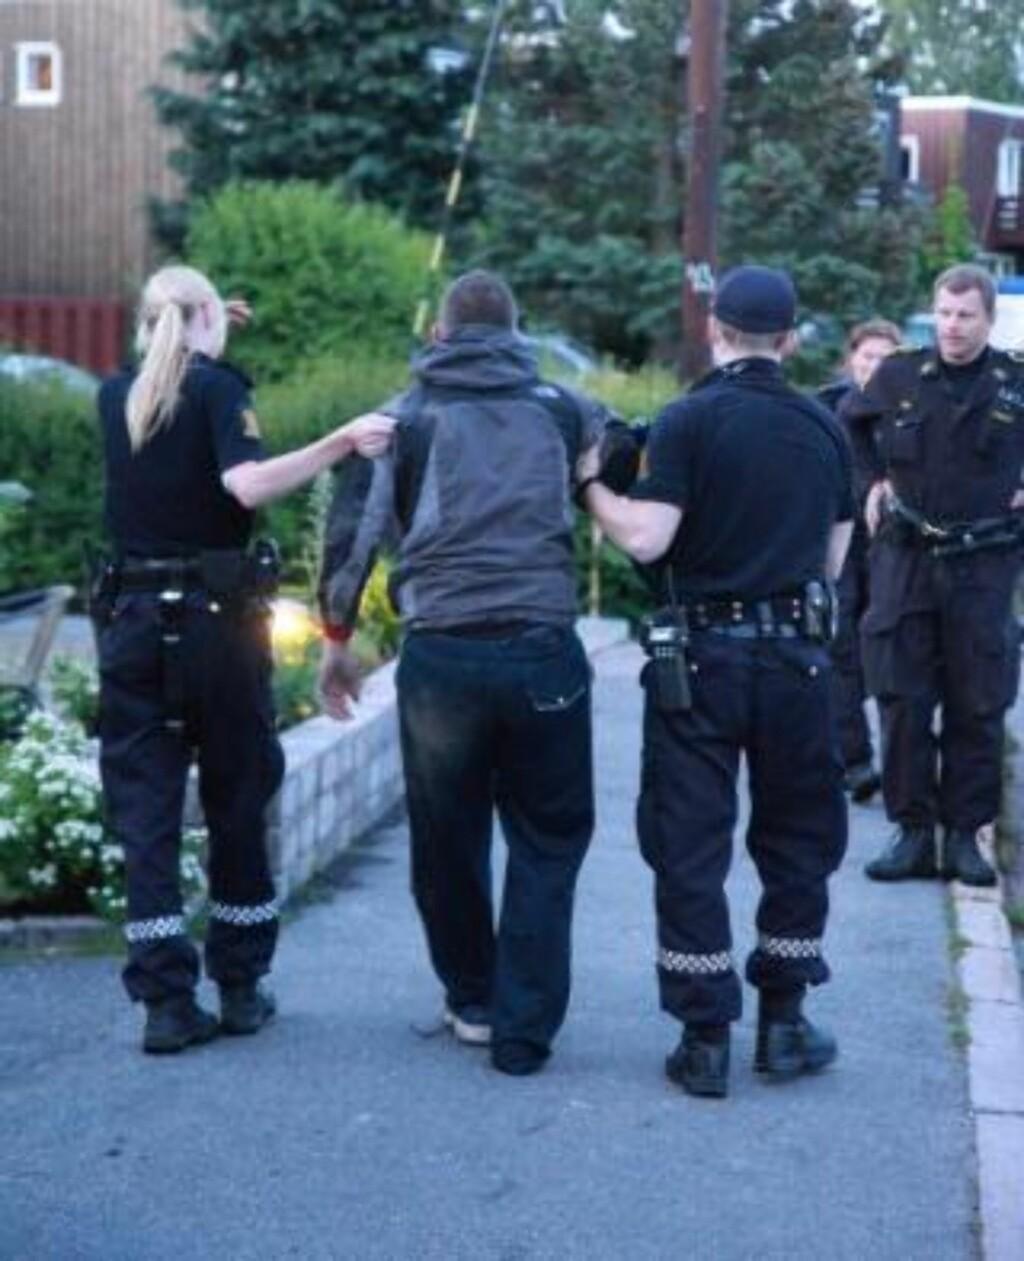 GJEMTE SEG: Politihunder måtte delta i jakten på de tre spanske taggerne som i juni ble pågrepet på Ryen. Spanjolene er ikke alene i å besøke Oslo i ulovlig henseende, bekrefter flere kilder i Oslos taggemiljø. Foto: Svein Gustav Wilhelmsen